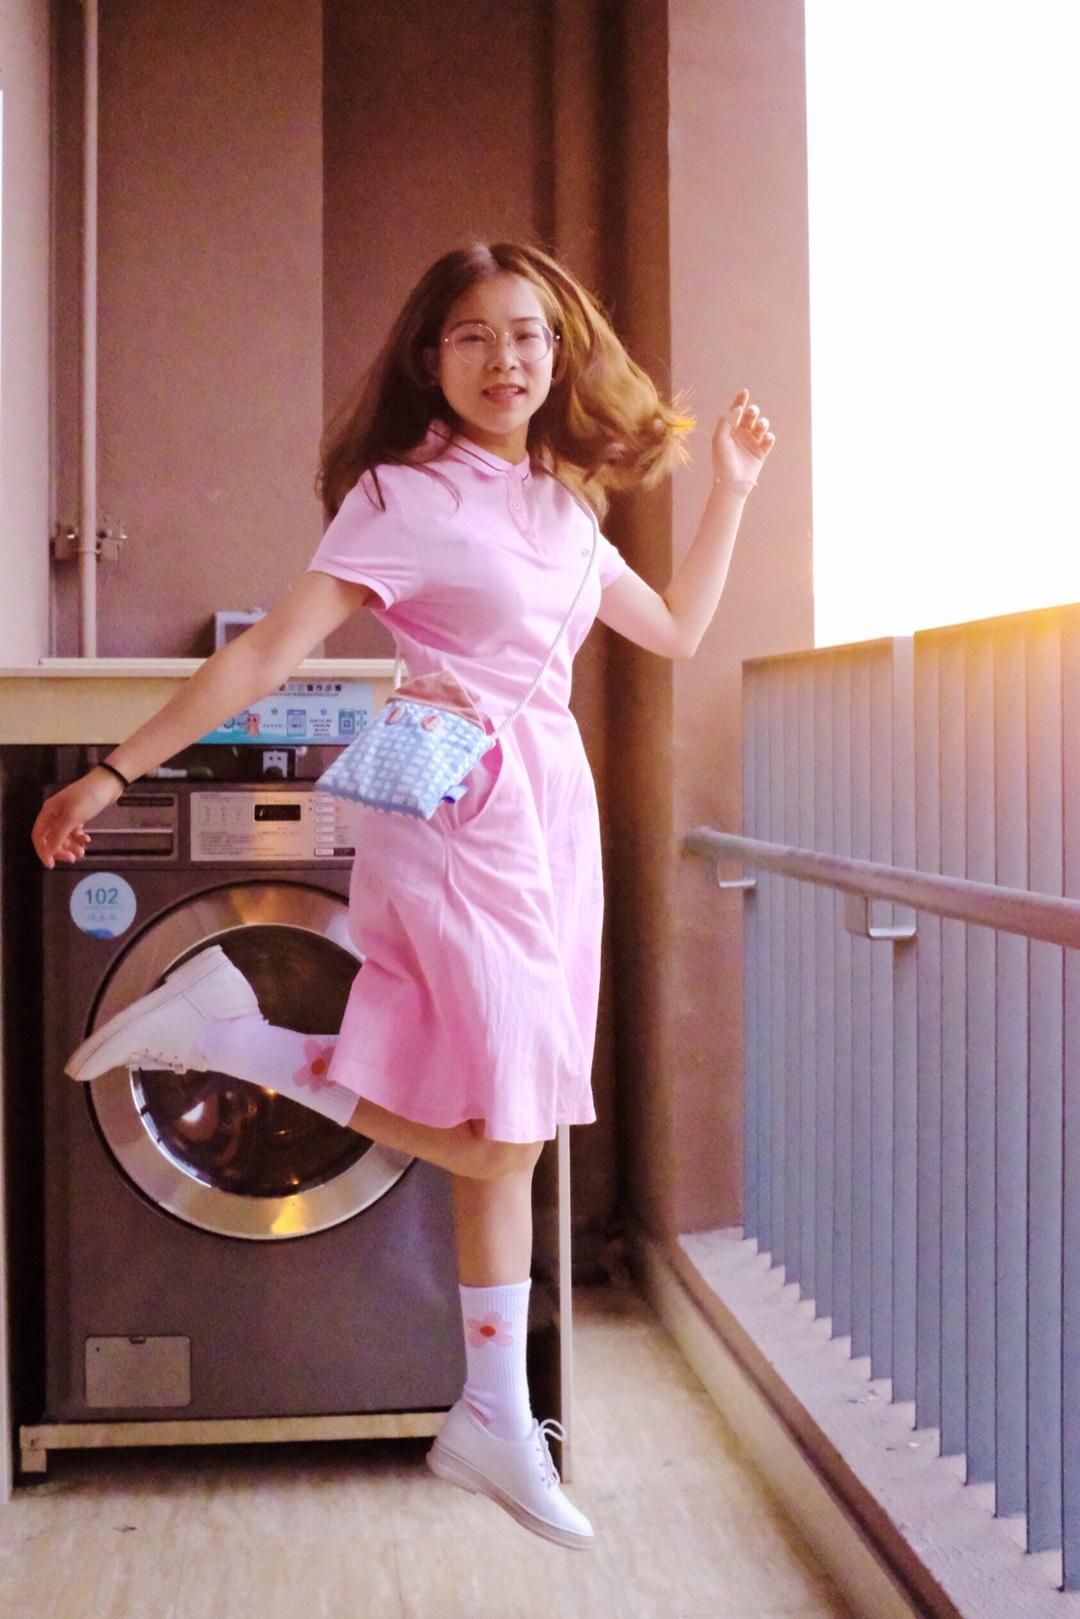 #平成年最后的樱花色,我要穿上身#  运动风格的连衣裙 腰部有收腰的效果,裙摆自然垂落感,使整个人看起来更加高挑纤细